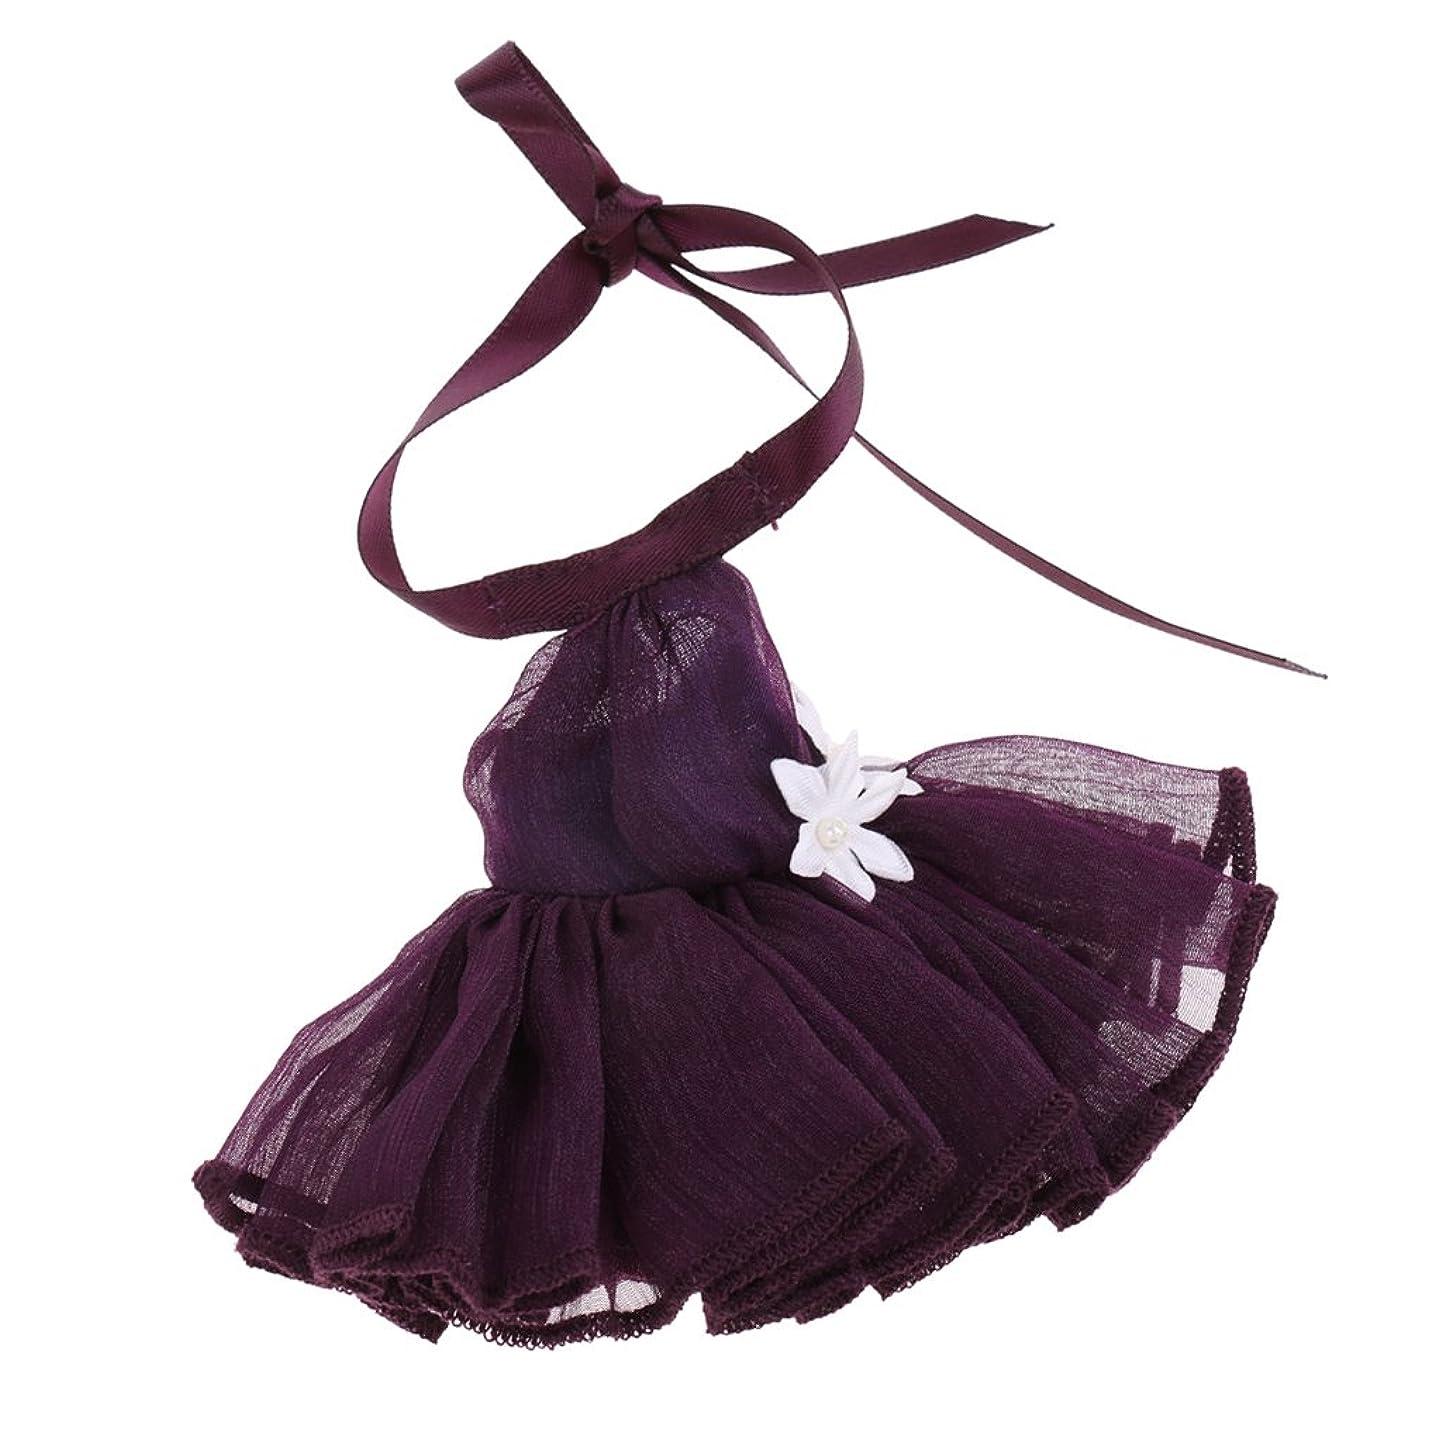 クリープ可塑性計算可能T TOOYFUL 20cmタカラミディブライスドールアクセサリー用プリティドレススカート服装 - 紫